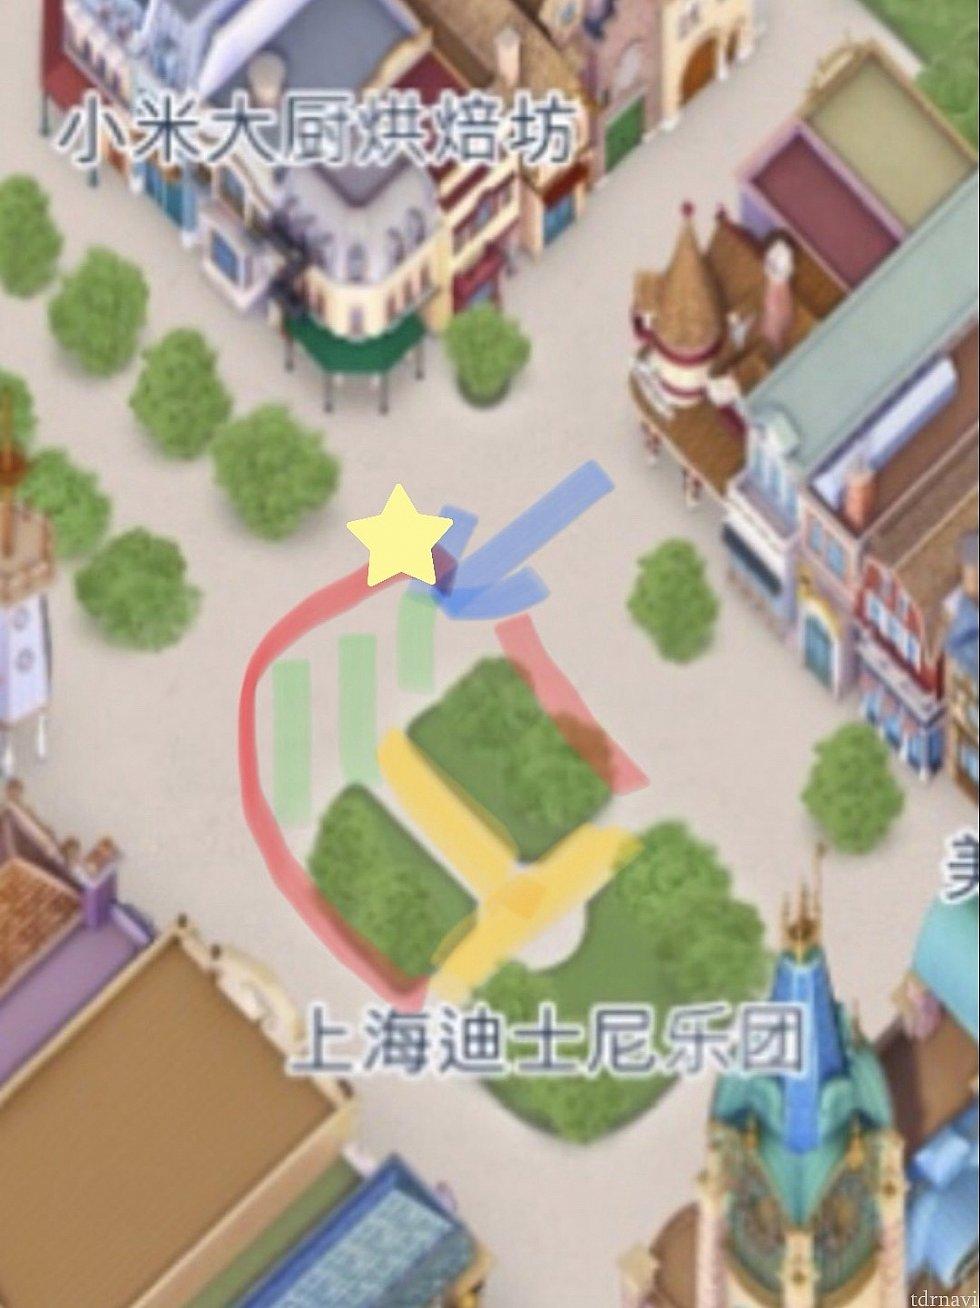 赤いラインより外が鑑賞エリア。 黄色と緑のエリアをキャラが移動します。 1日目は☆のあたりから見ました。